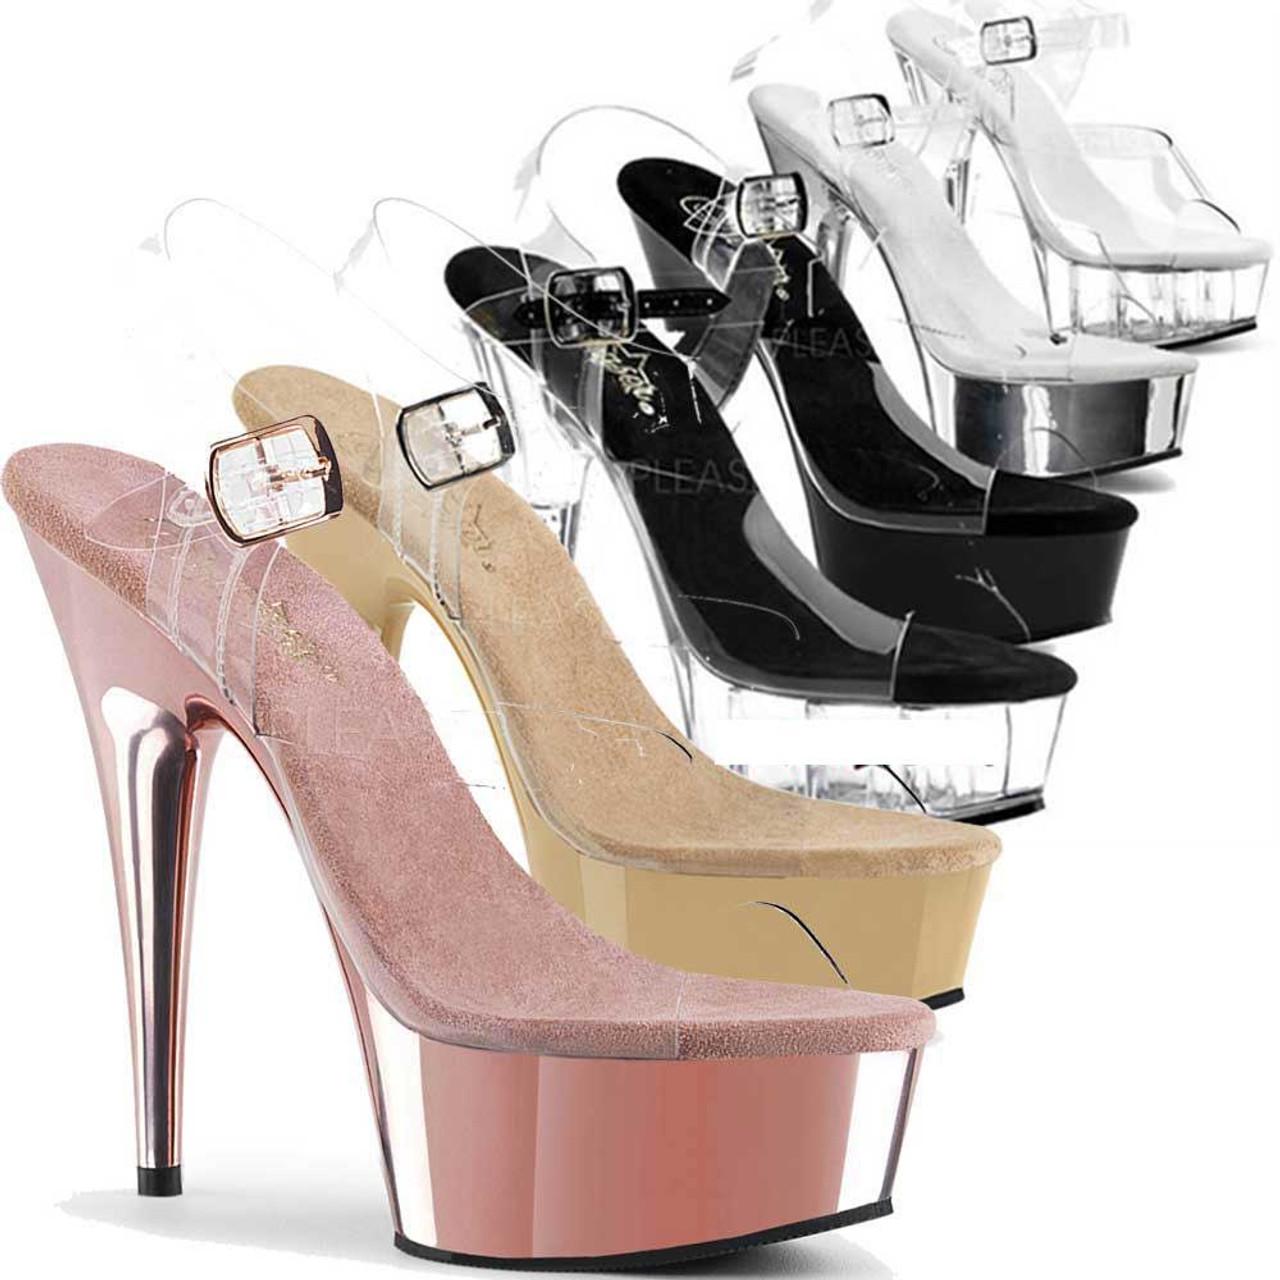 ce4bdd2b1076e Pleaser | 6 Inch Stripper Shoes DELIGHT-608